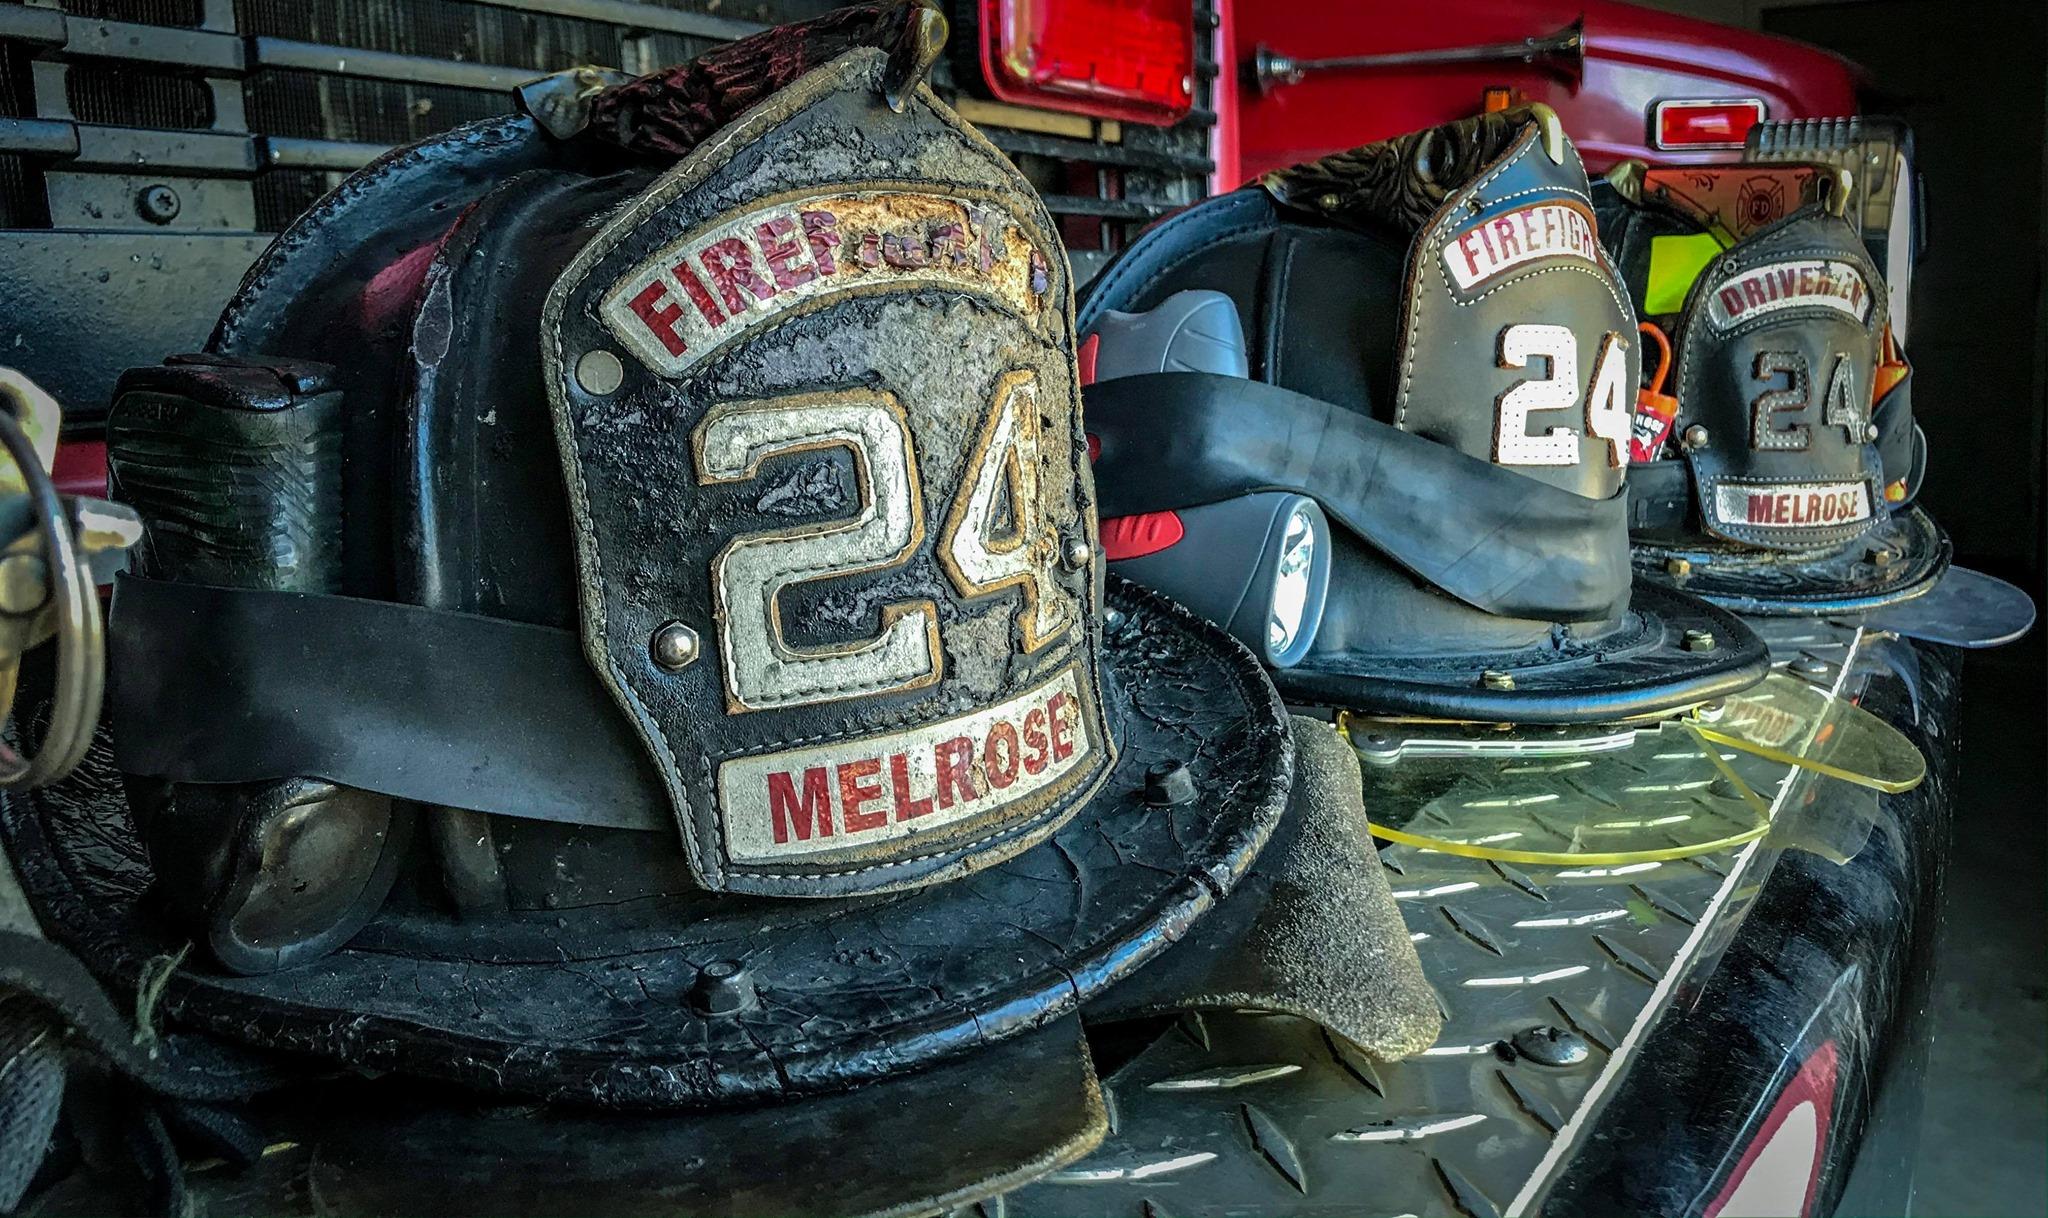 MELROSE FIRE DEPARTMENT